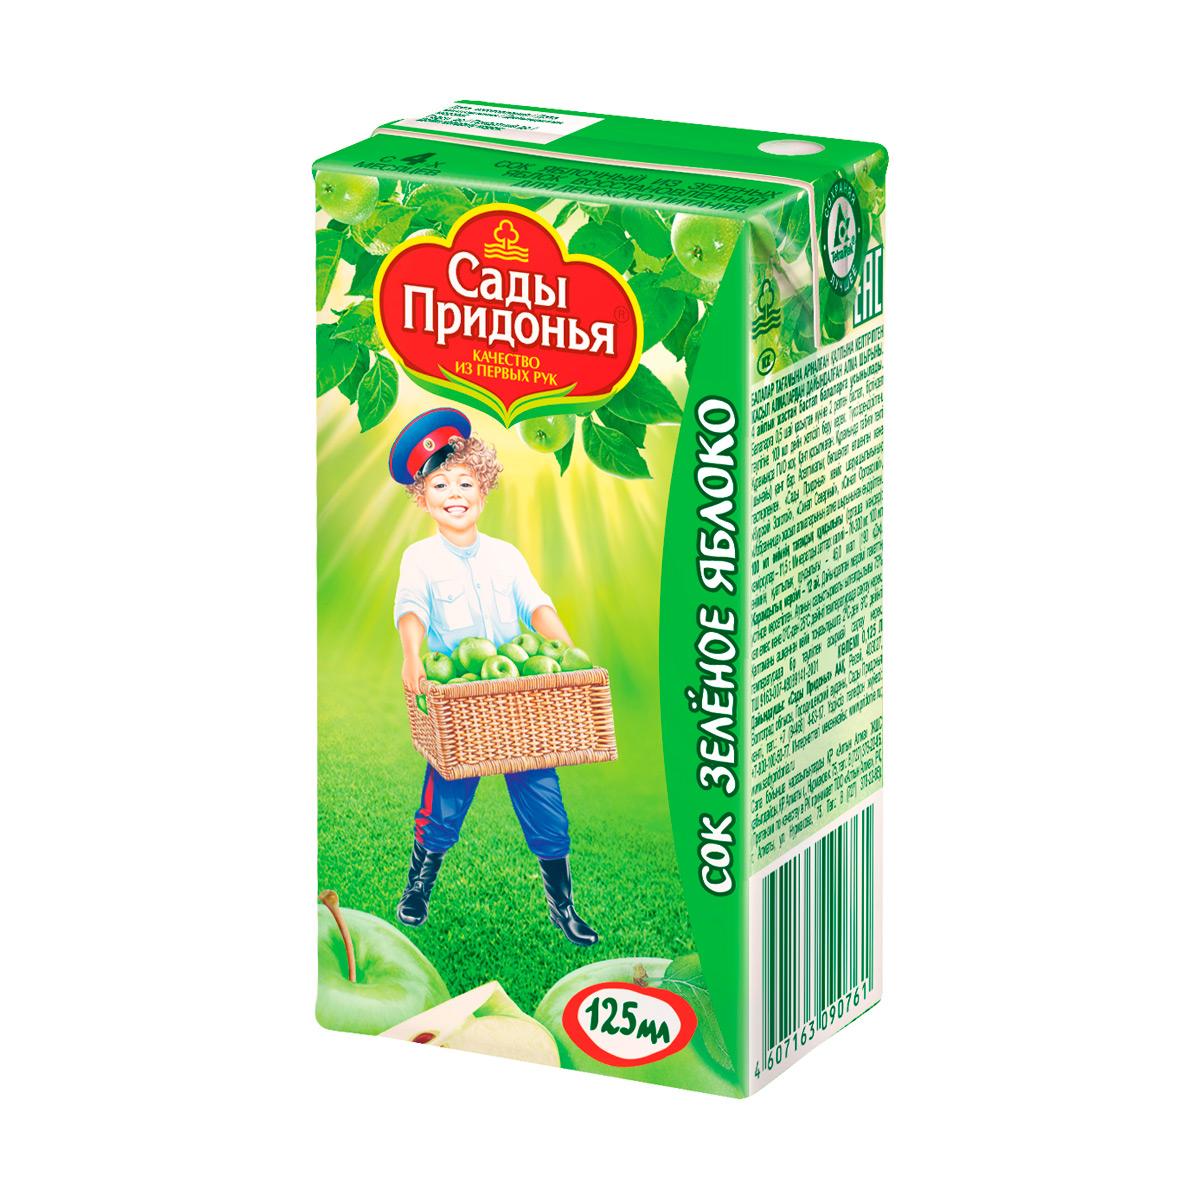 Сок Сады Придонья 125 мл (тетрапак) Яблоко зеленое осветленный (с 4 мес)<br>